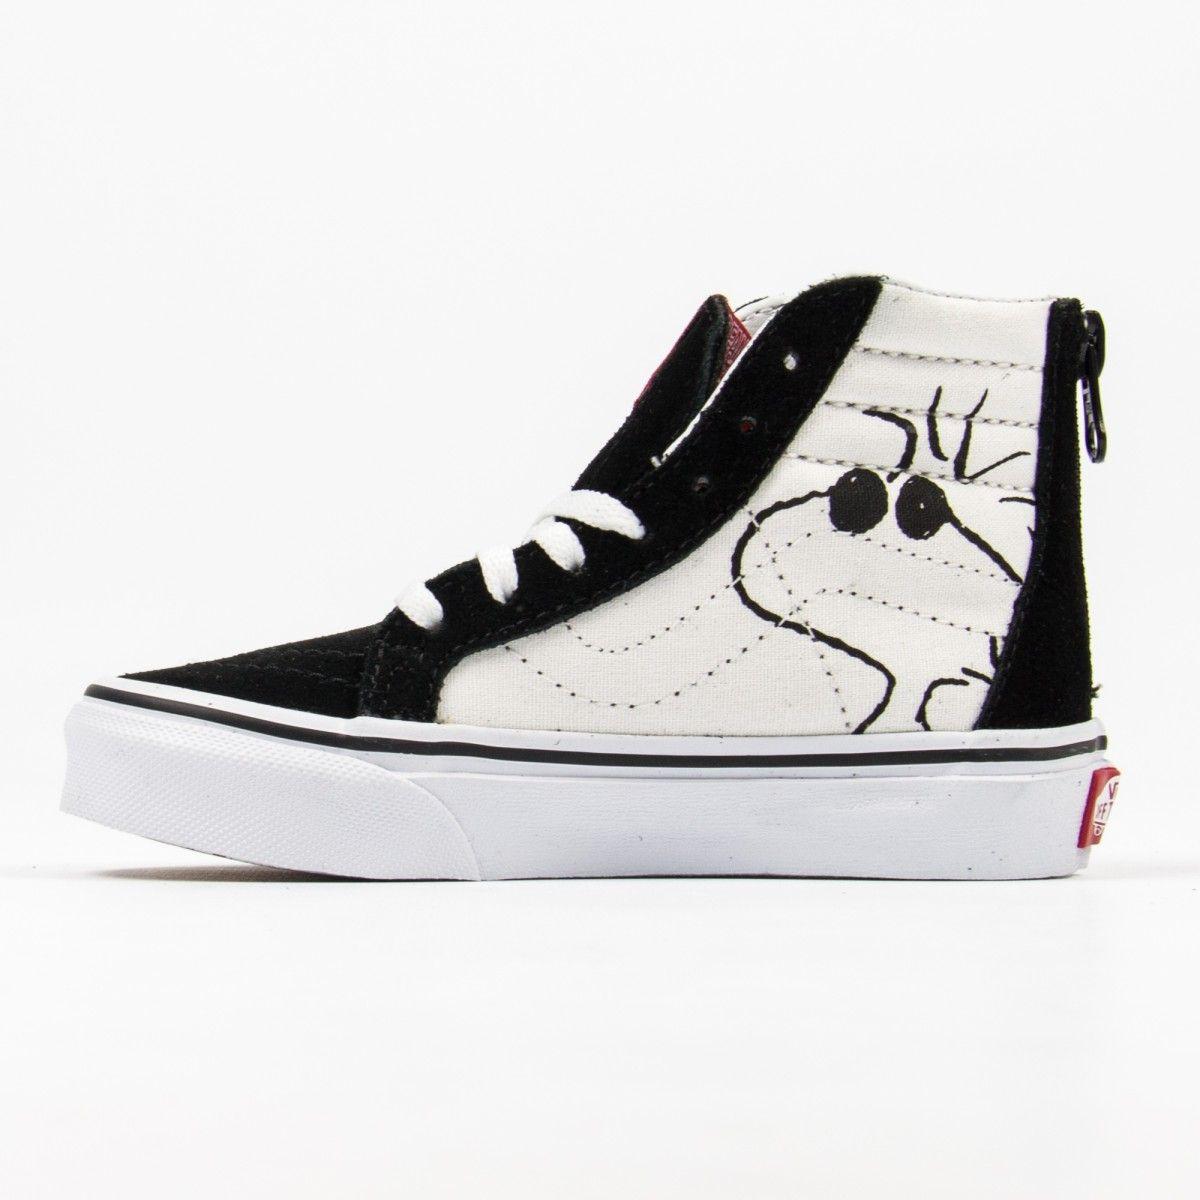 """c4e8d99cd678 Vans """"Joe Cool SK8-Hi Zip"""" schwarze Sneakers mit Snoopy-Print ..."""